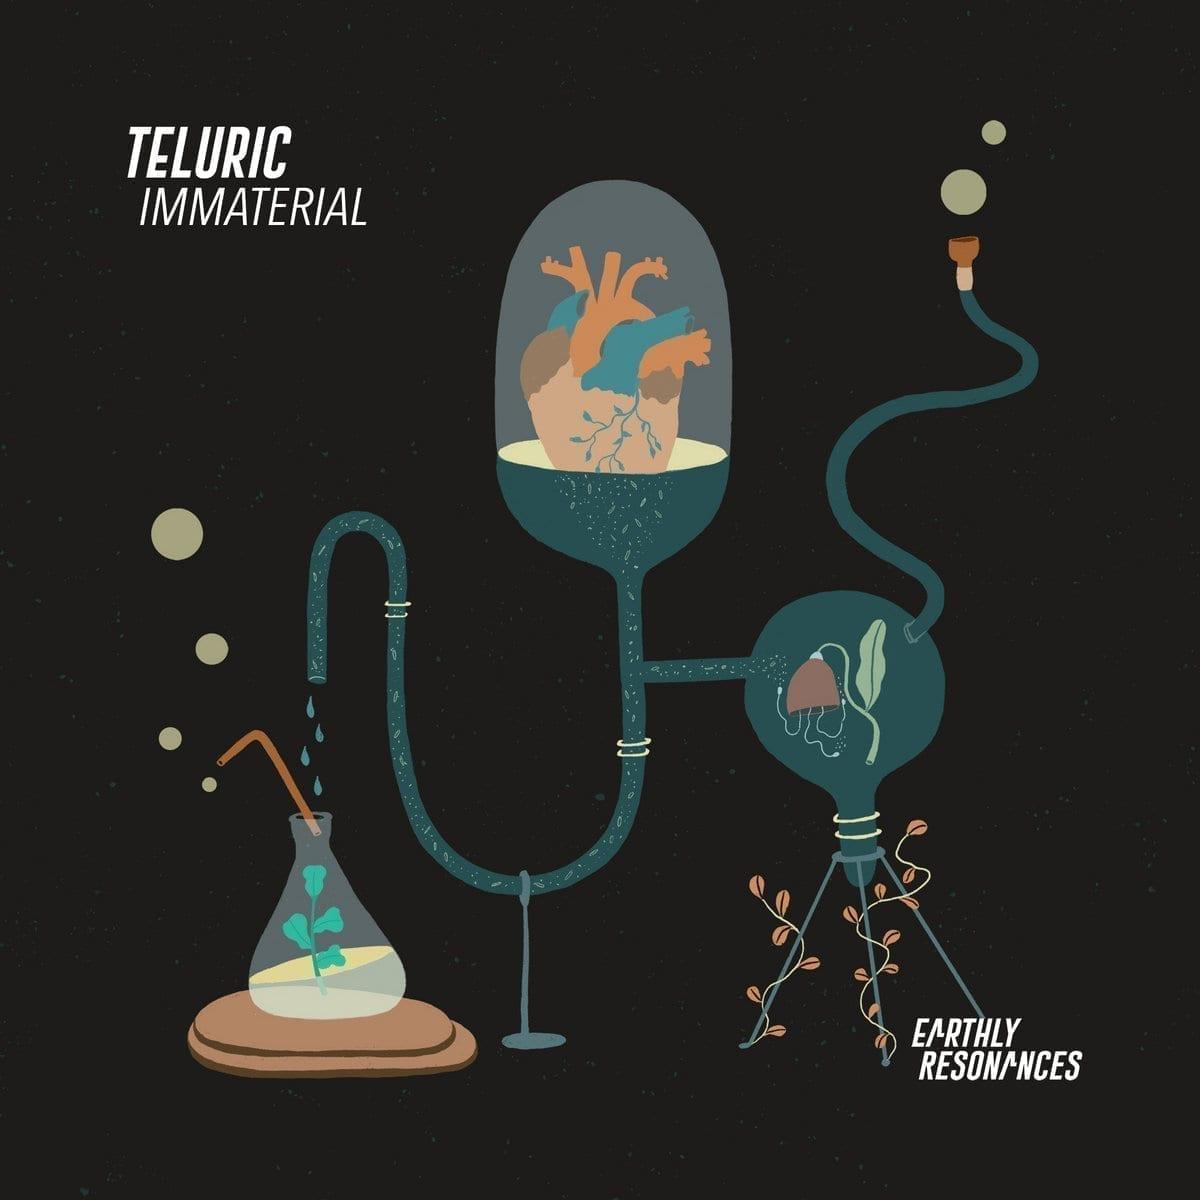 Teluric - Immaterial